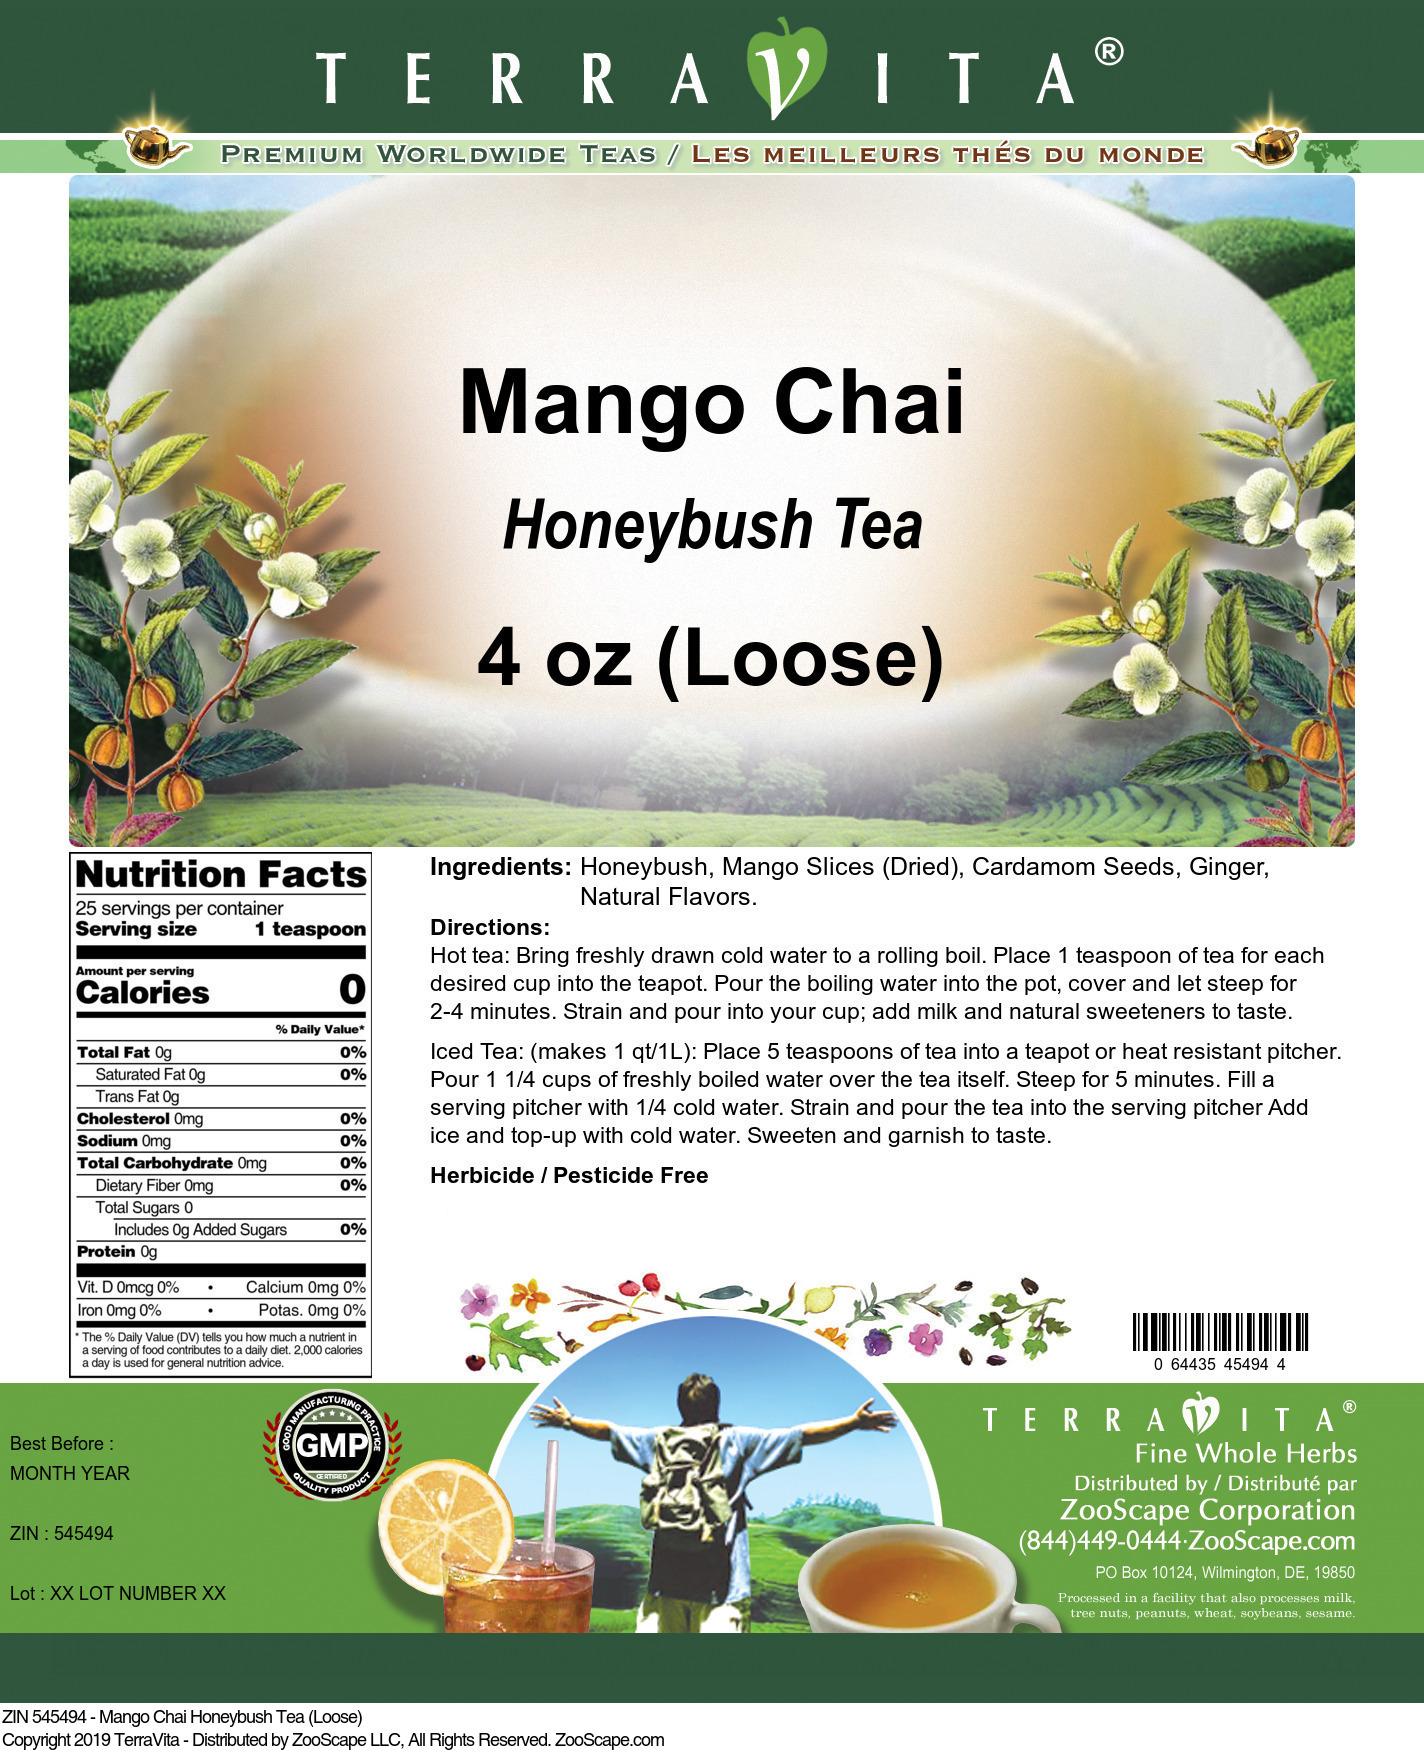 Mango Chai Honeybush Tea (Loose)